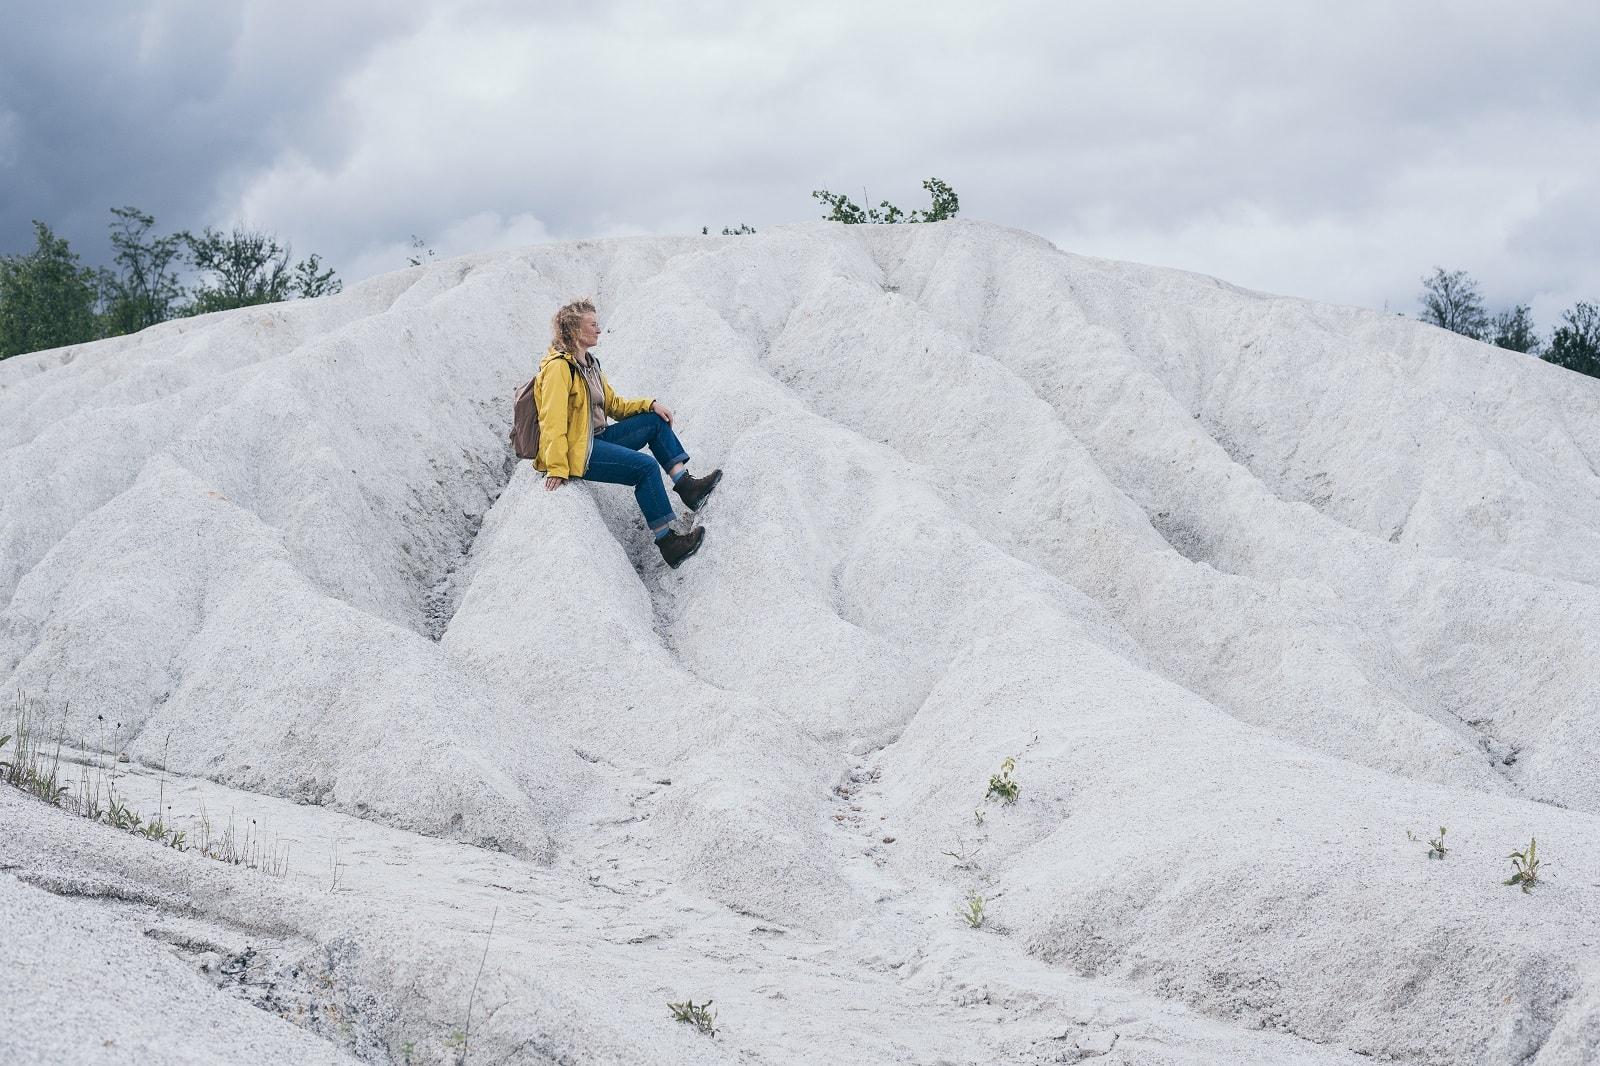 Фото в Актовском на белых скалах